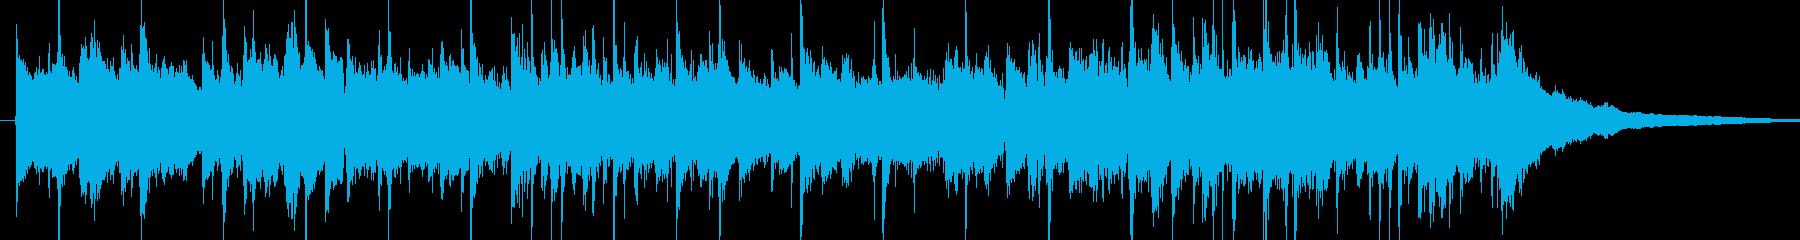 ピアノの旋律が印象的なジングルの再生済みの波形